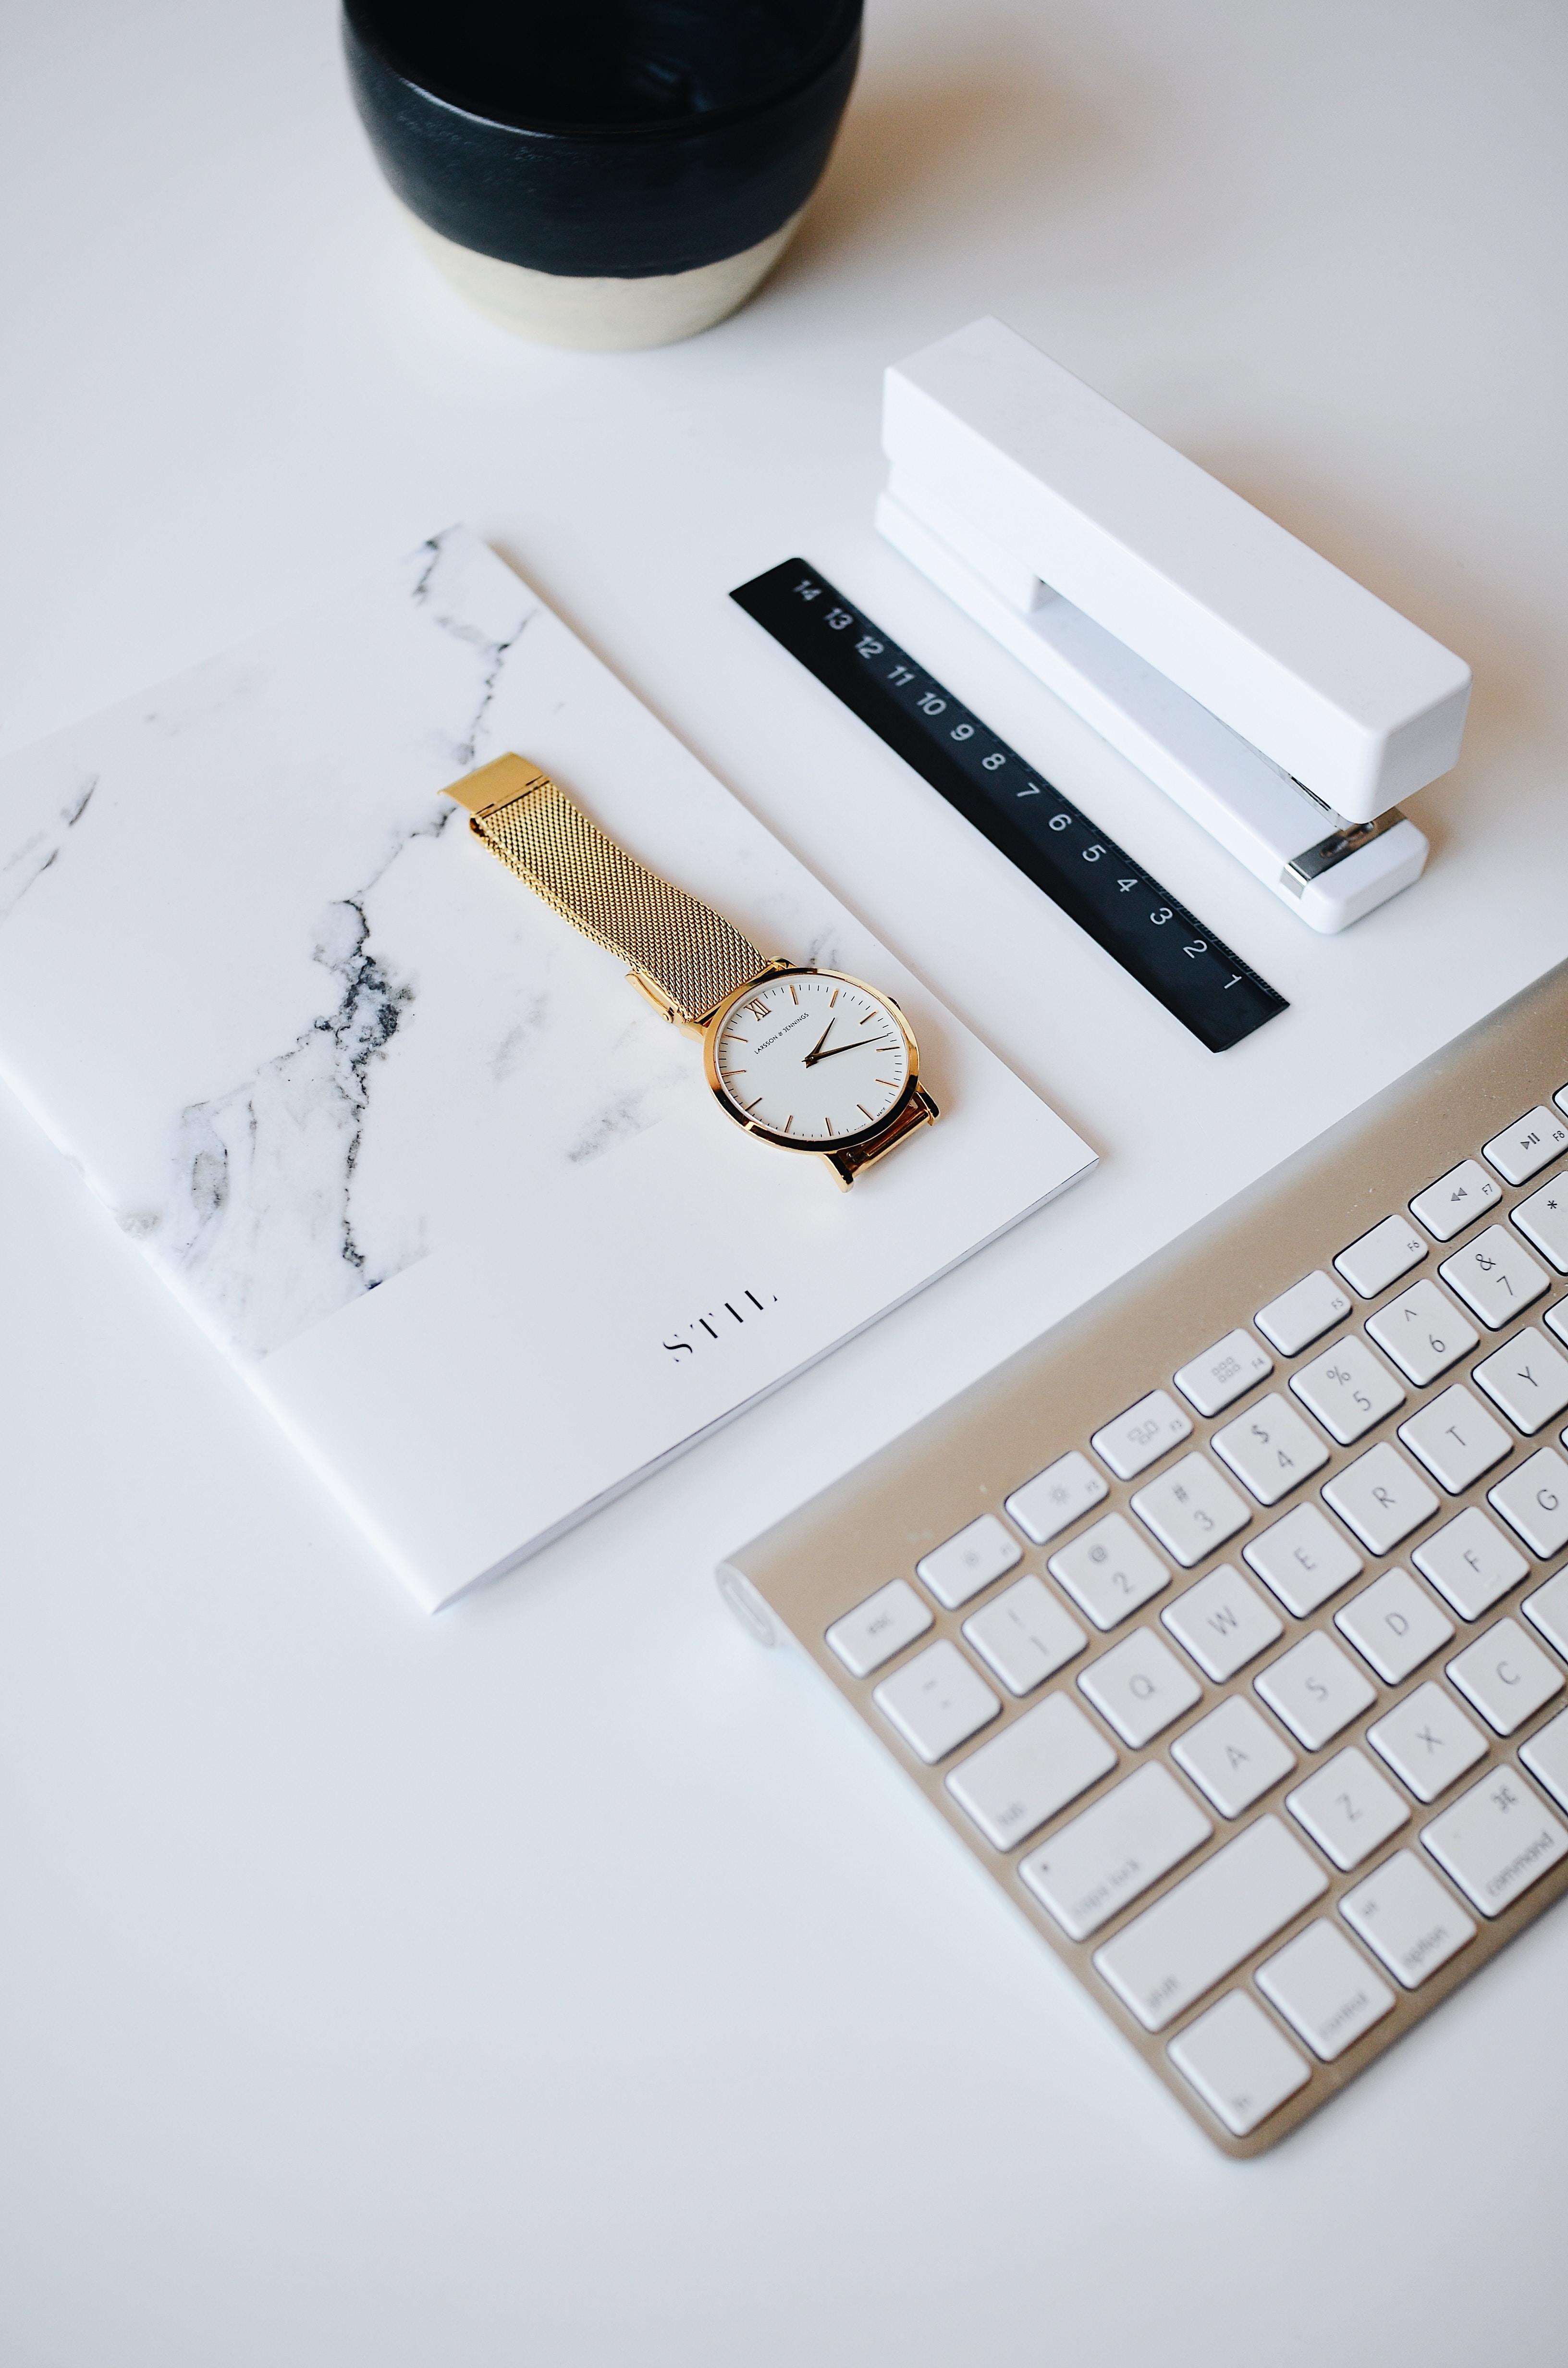 watch on top of book beside stapler near Apple keyboard